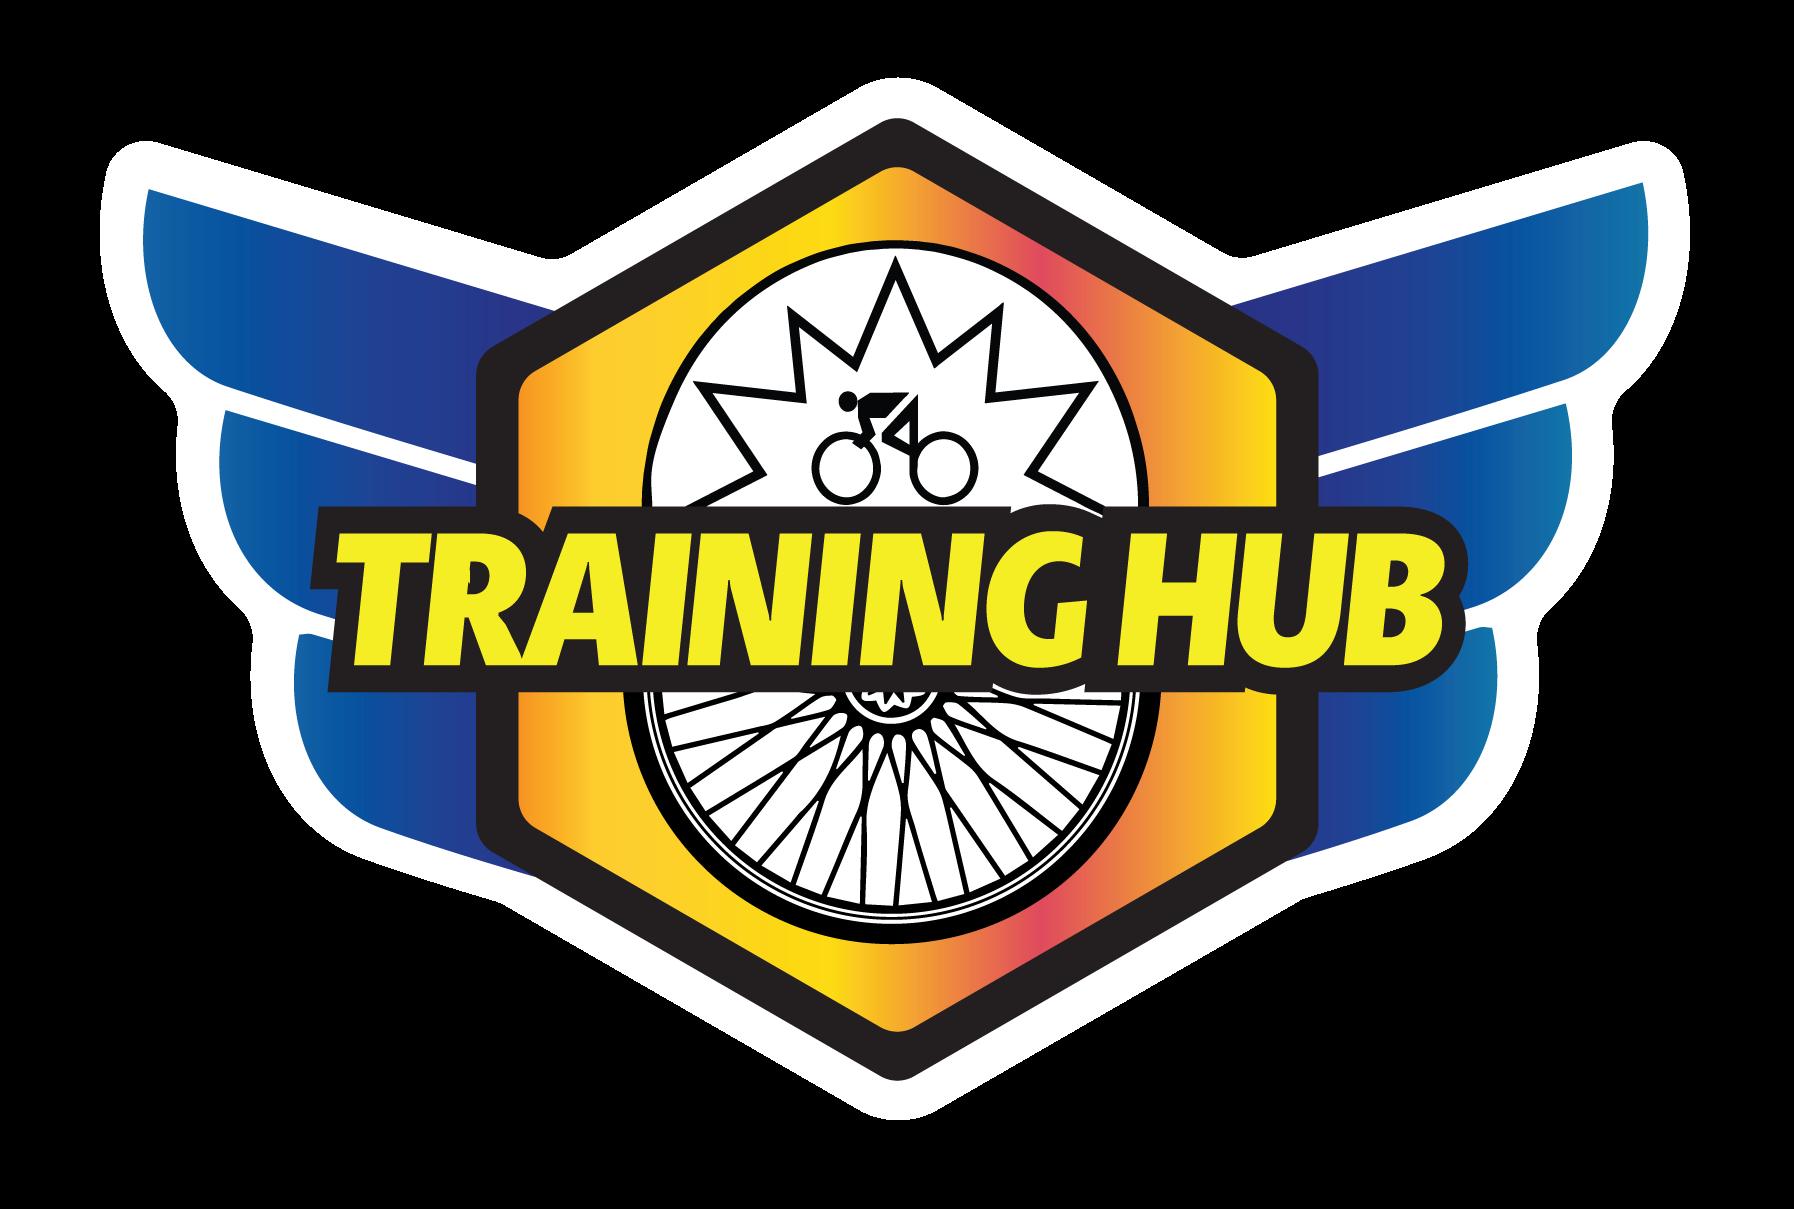 Training Hub logo